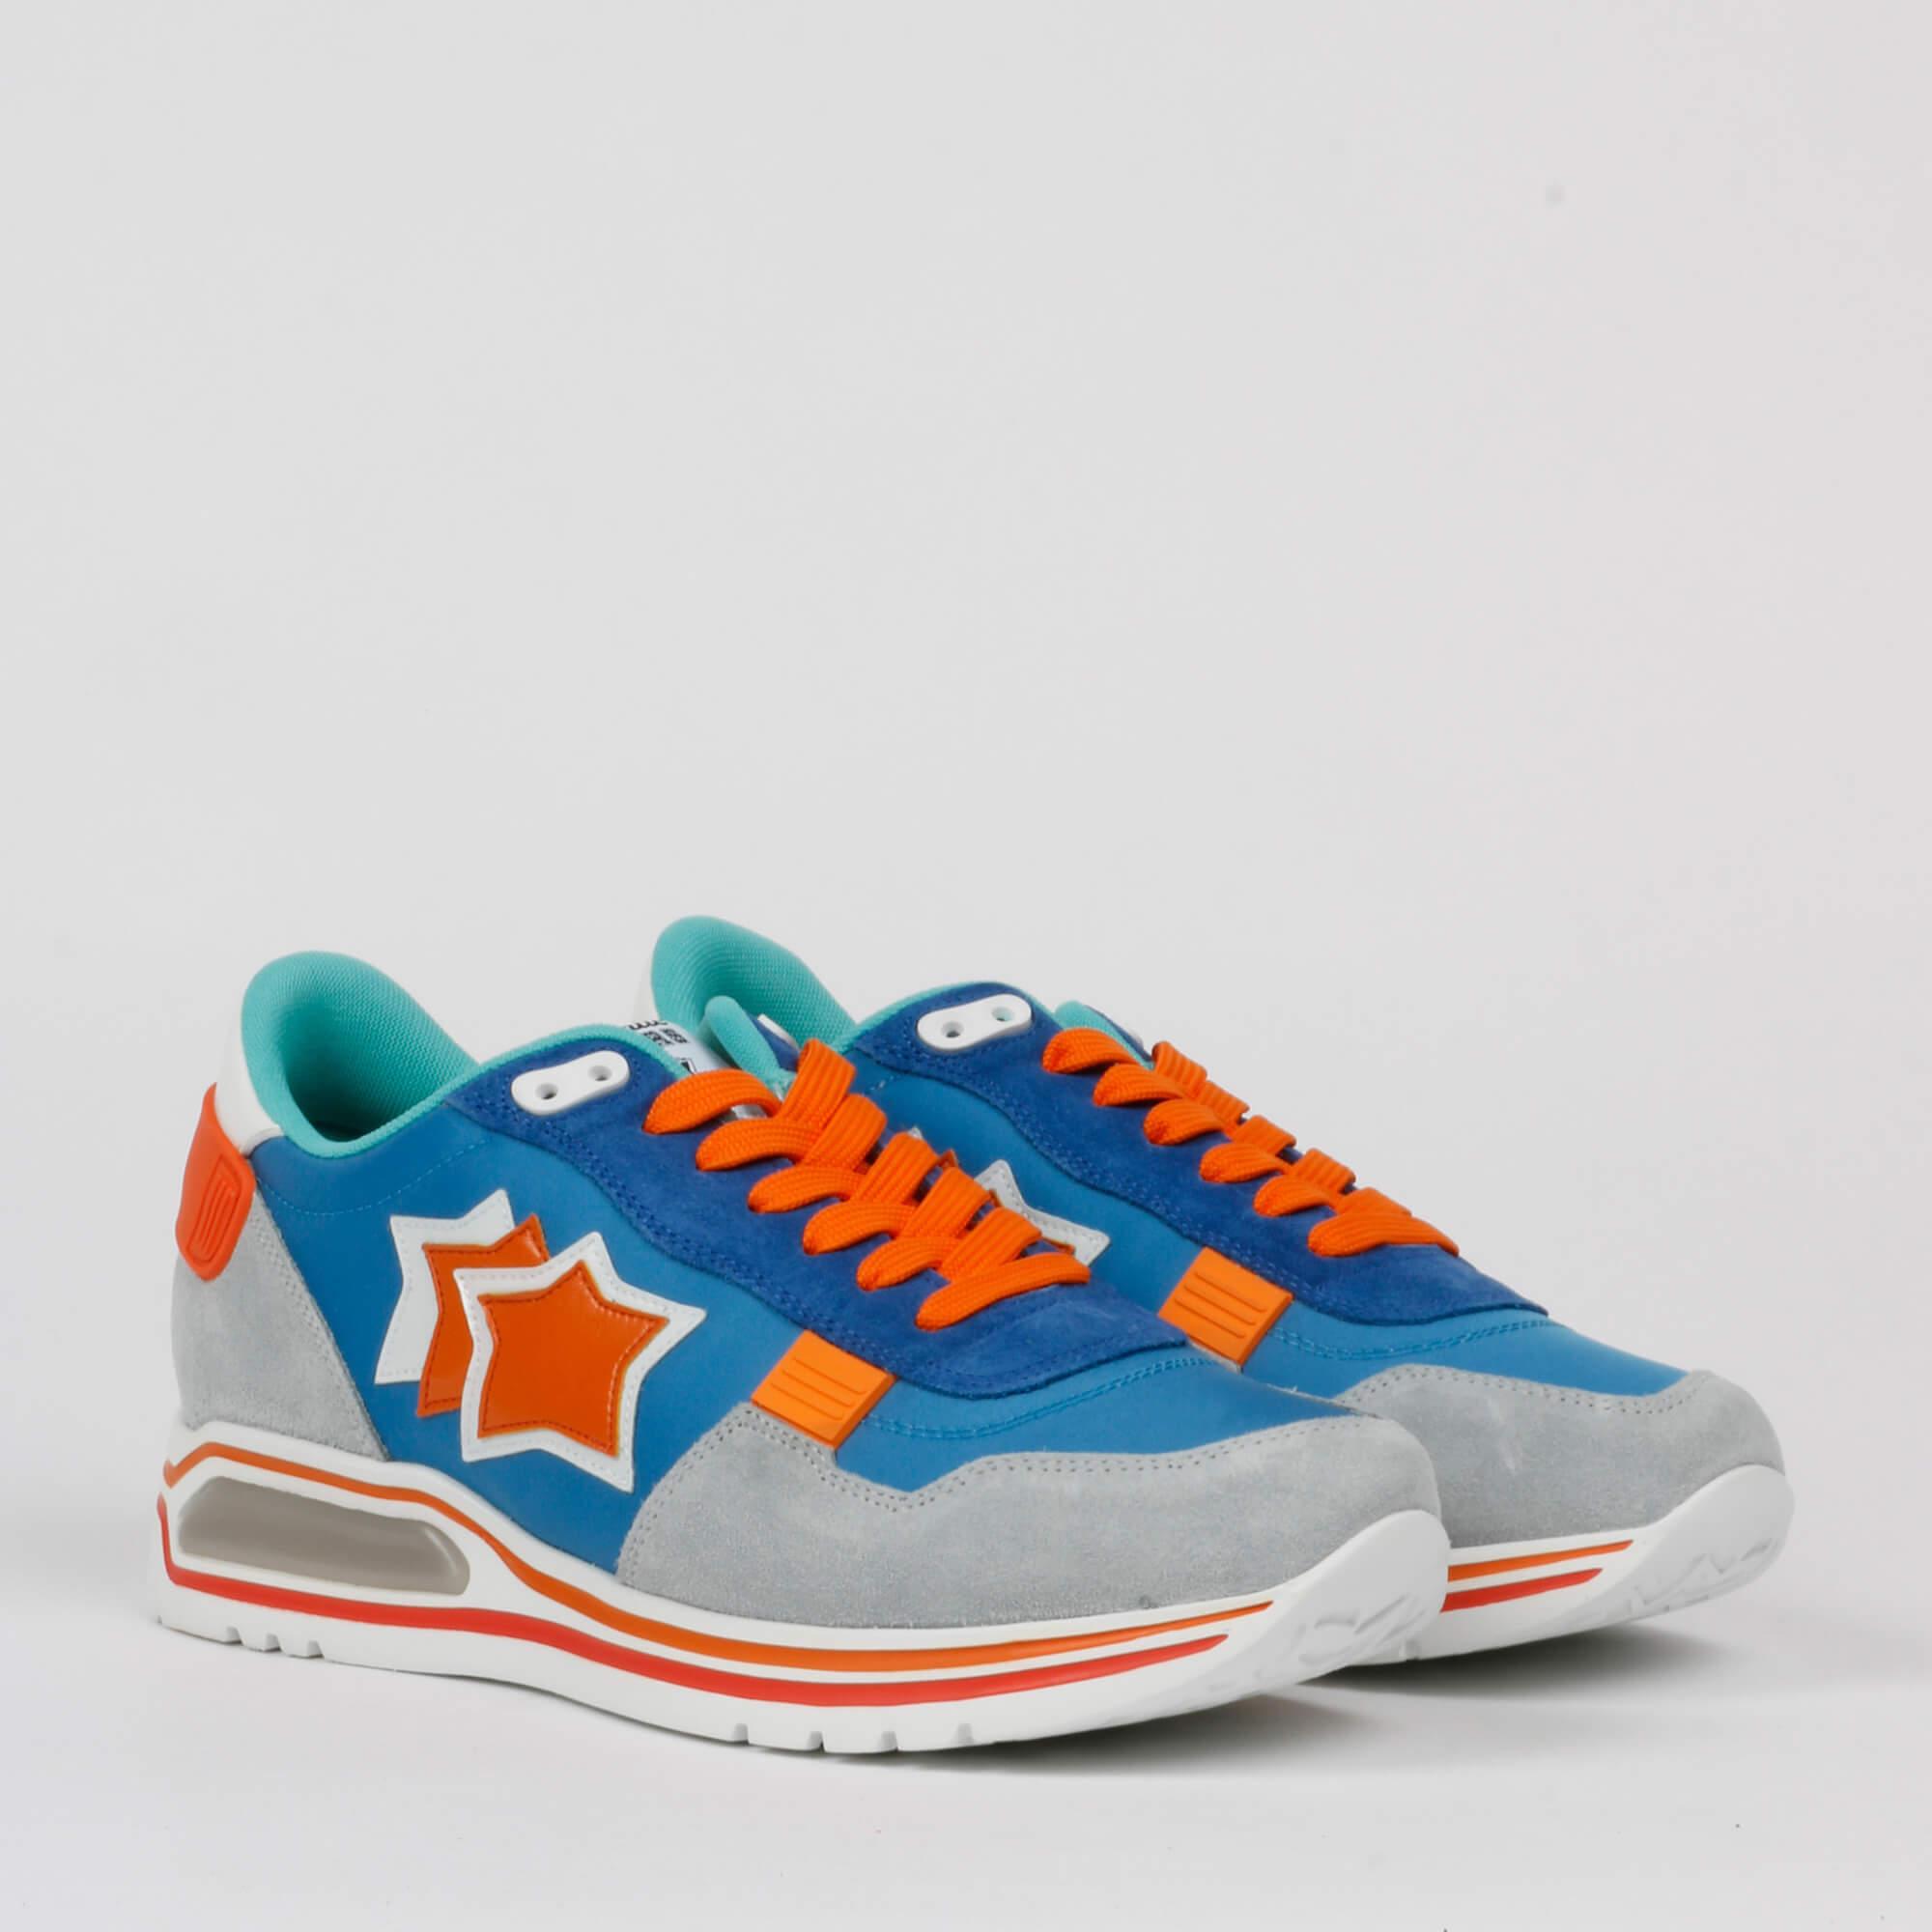 Sneakers pegasus - Grigio / Azzurro